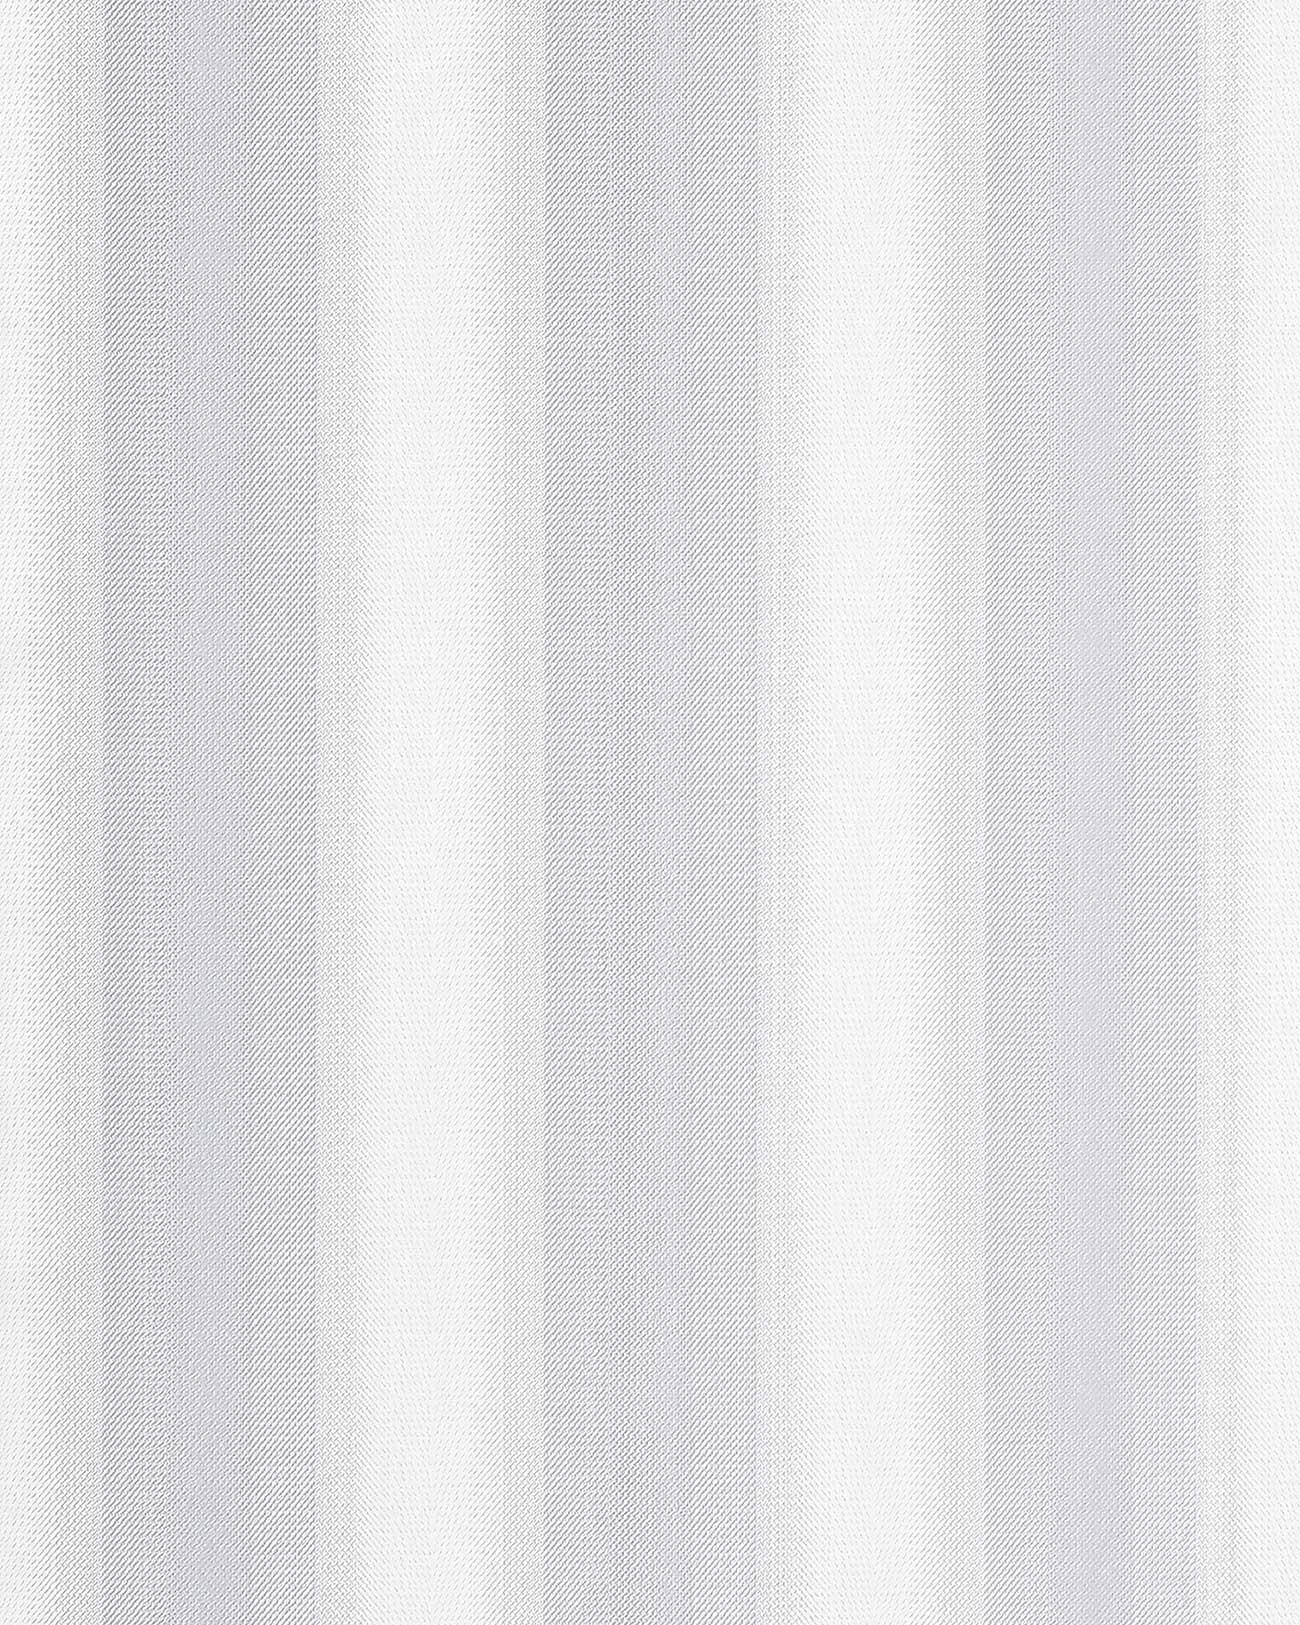 Papel pintado texturado de dise o a rayas edem 085 20 gris - Papel pintado de rayas ...